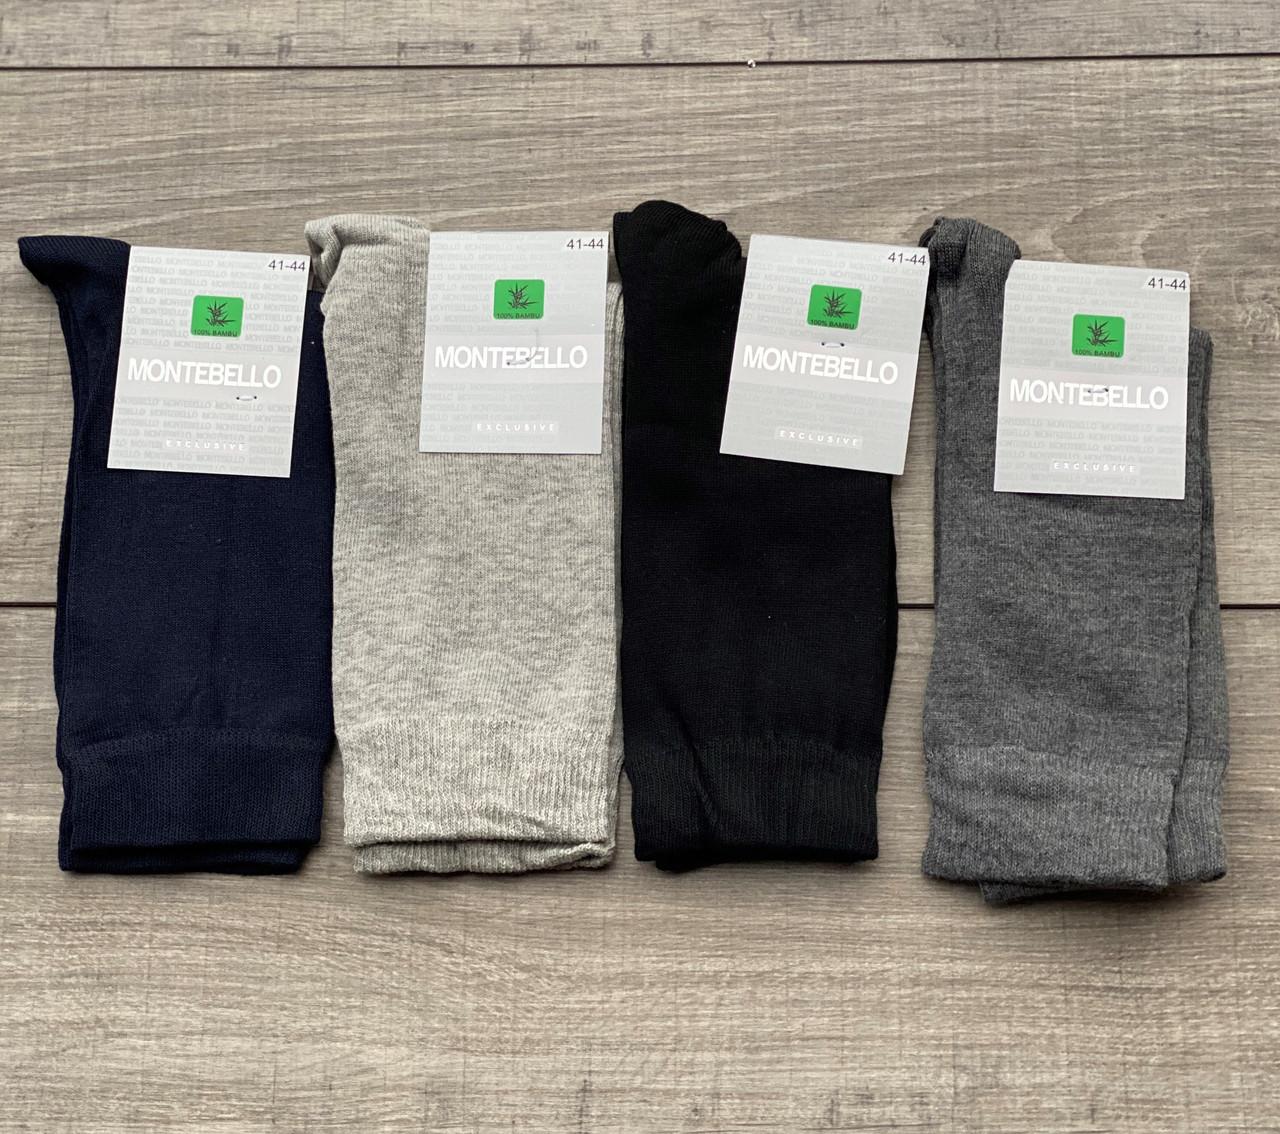 Чоловічі шкарпетки стрейчеві носки Montebello високі однотонні 41-44 12 шт в уп мікс кольорів